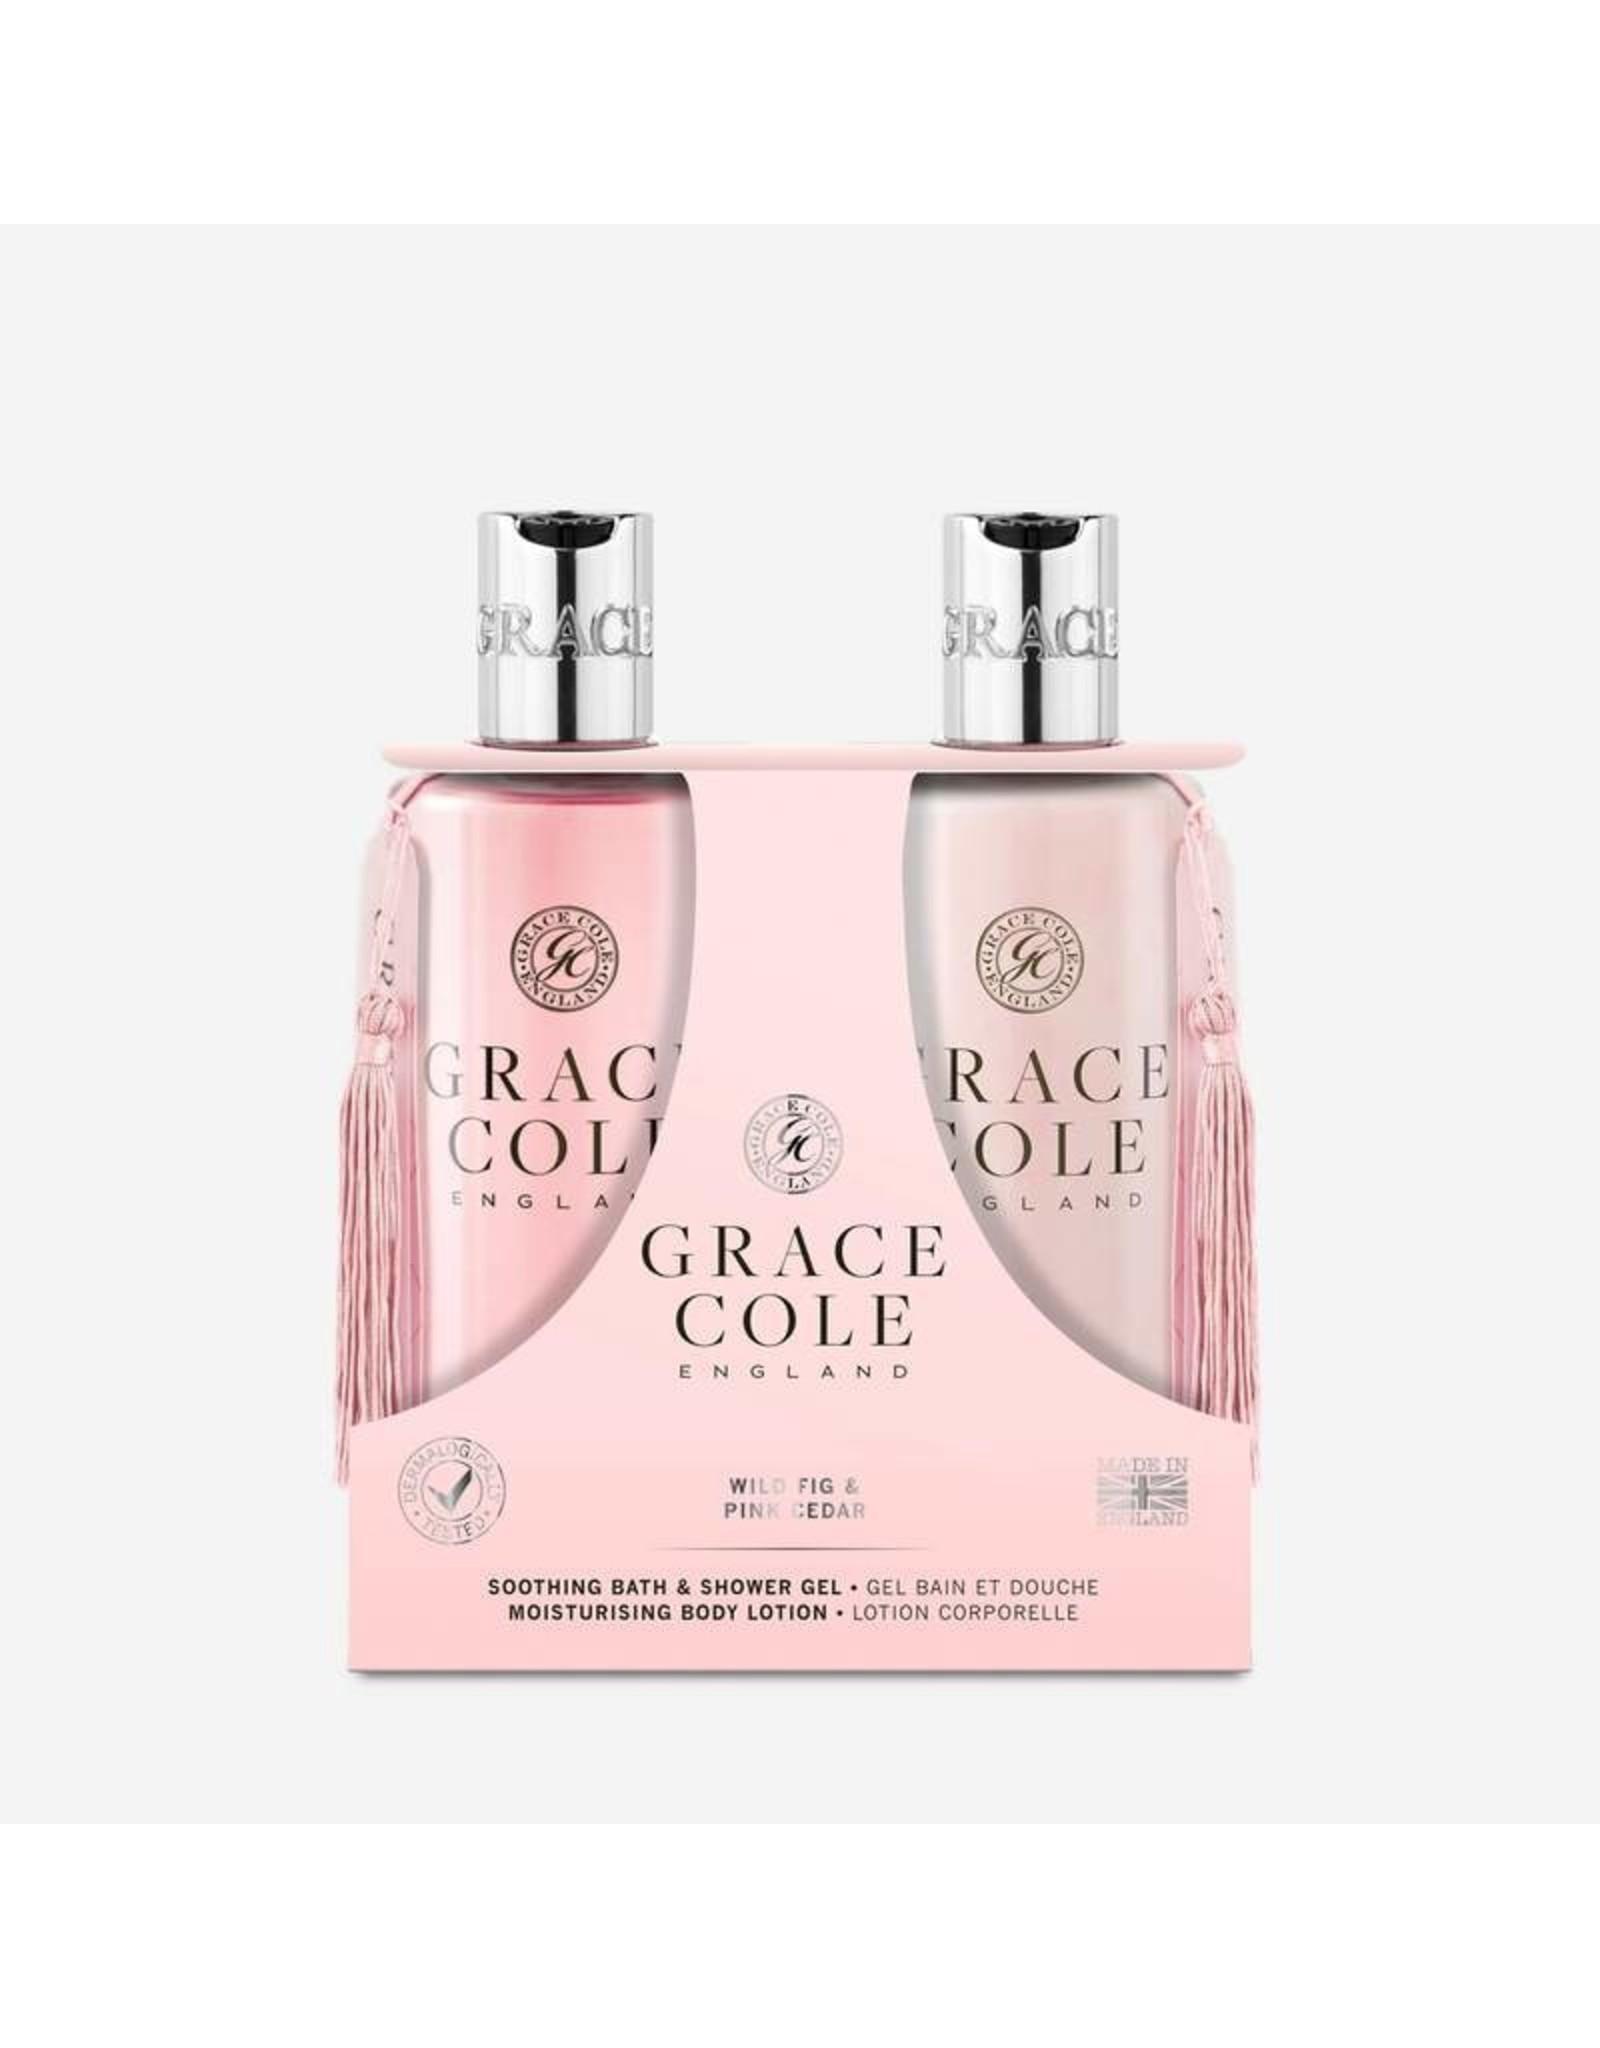 Grace Cole Body Care Set Duo Wild Fig & Pink Cedar